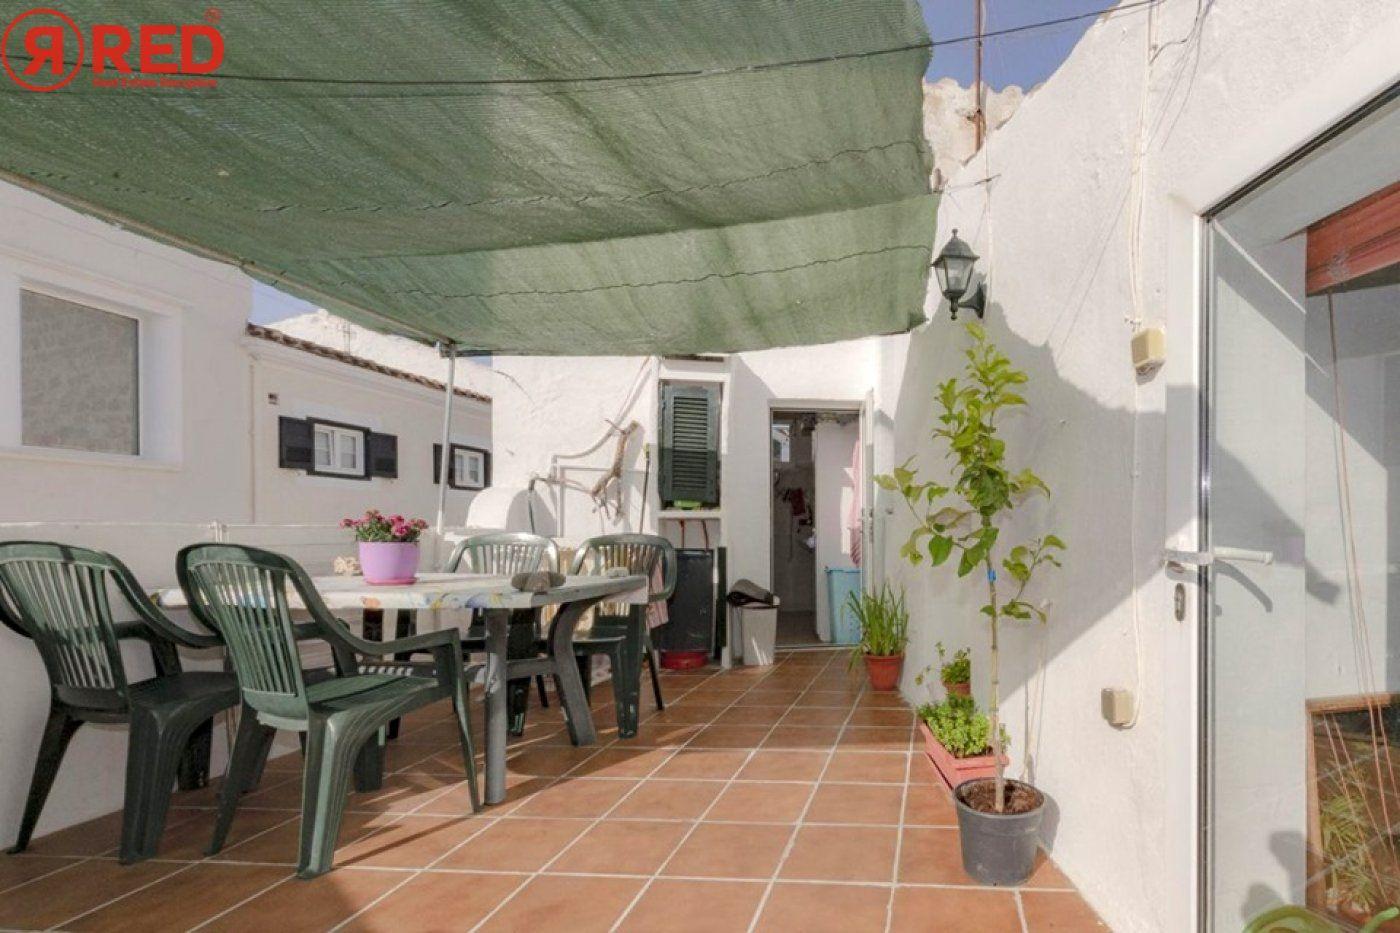 Vivienda en casco antiguo con terraza - imagenInmueble1